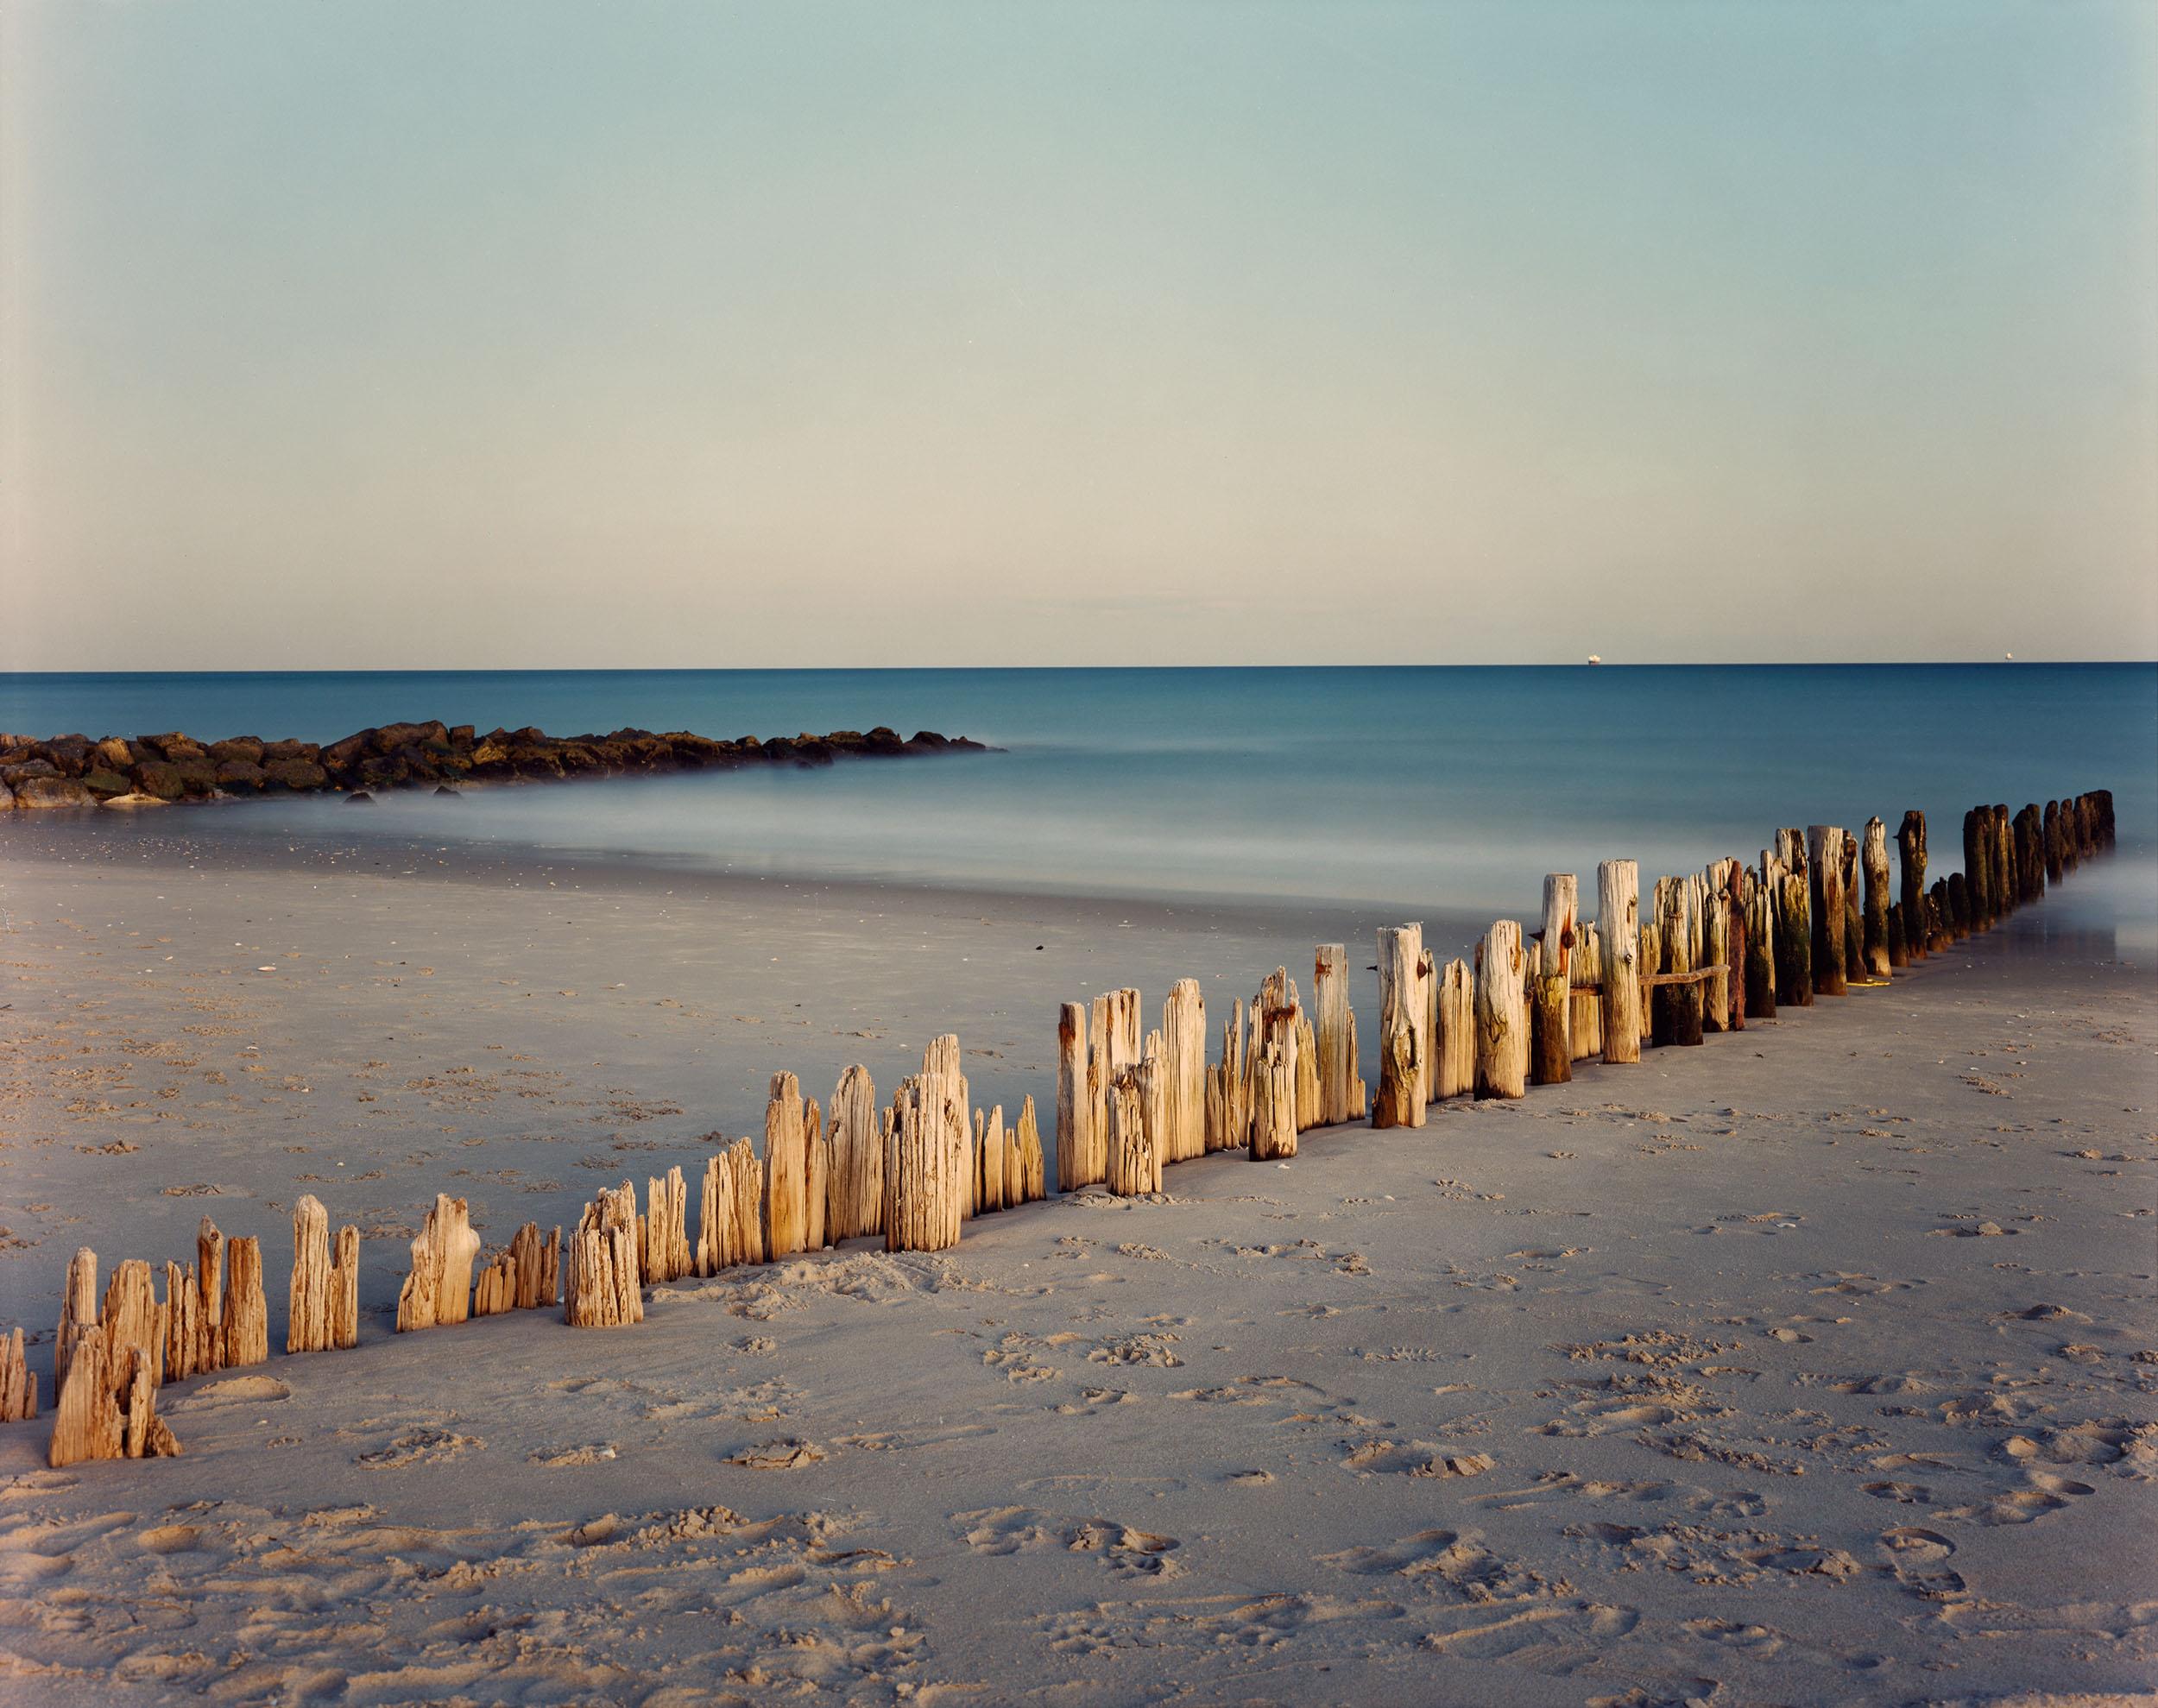 Gteway National Recreation Area, Rockaway Peninsula, Queens, New York, September 1993